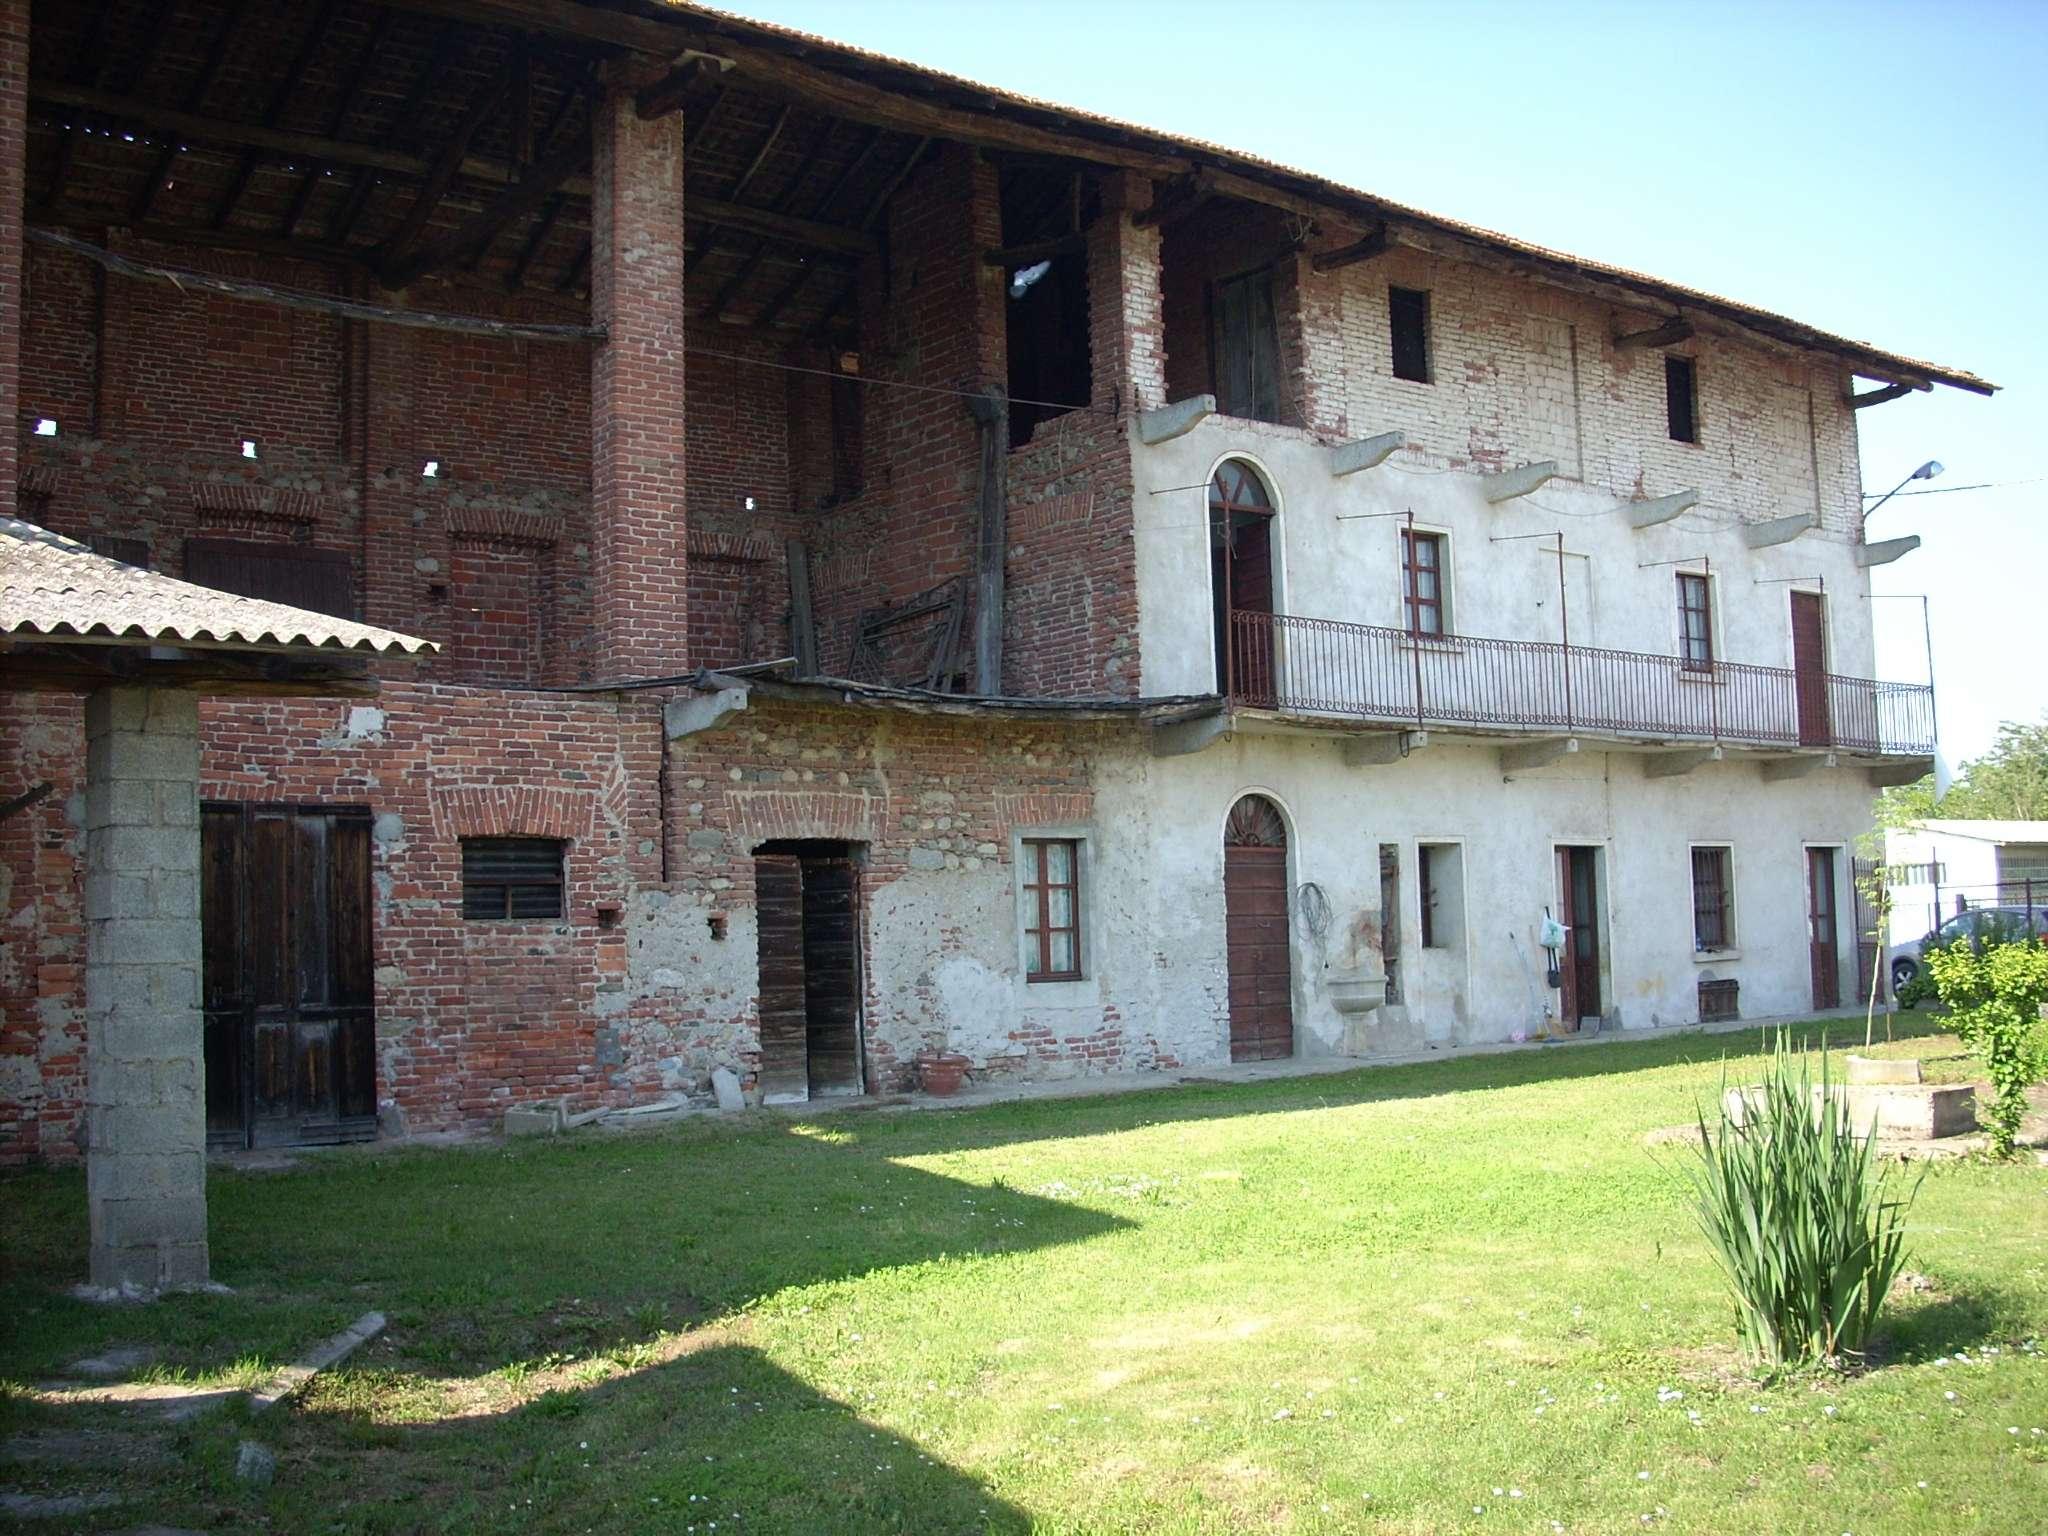 Rustico / Casale in vendita a Cavaglio d'Agogna, 5 locali, prezzo € 130.000 | CambioCasa.it